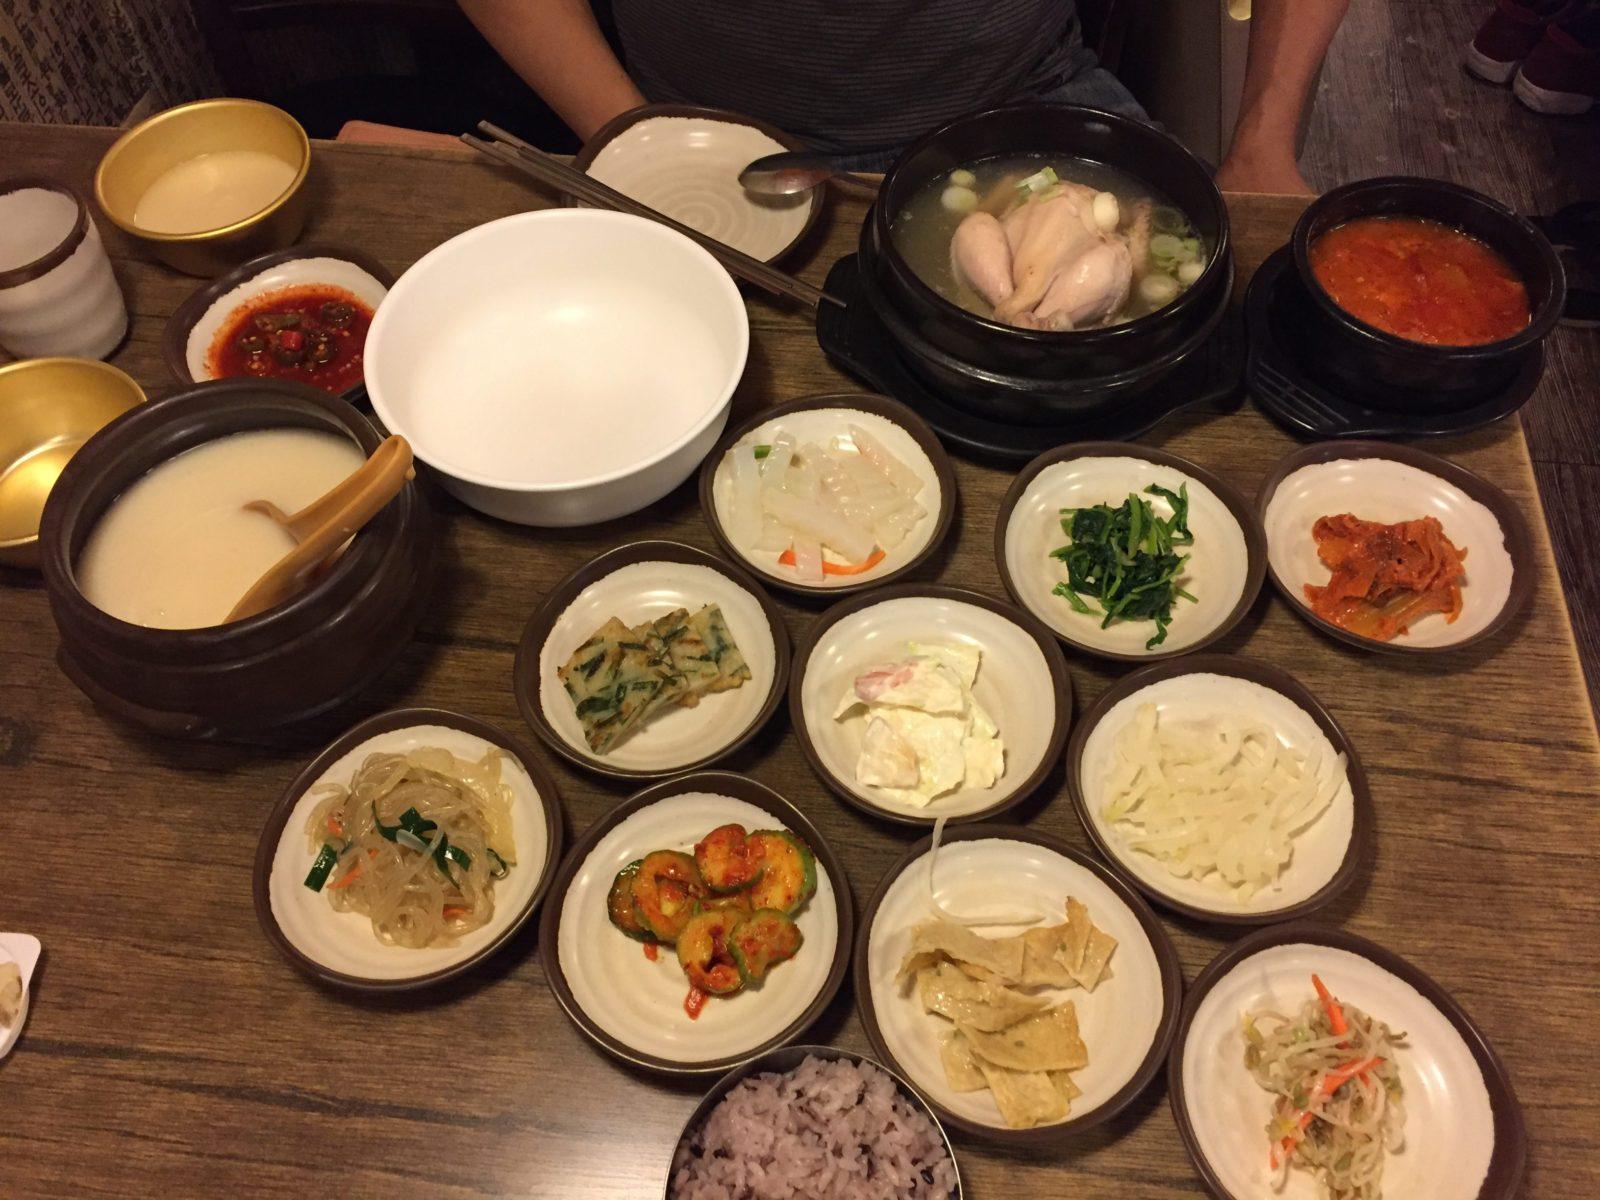 Traditional Korean Meal at Garosu-gil | Baby Z travelling around Seoul